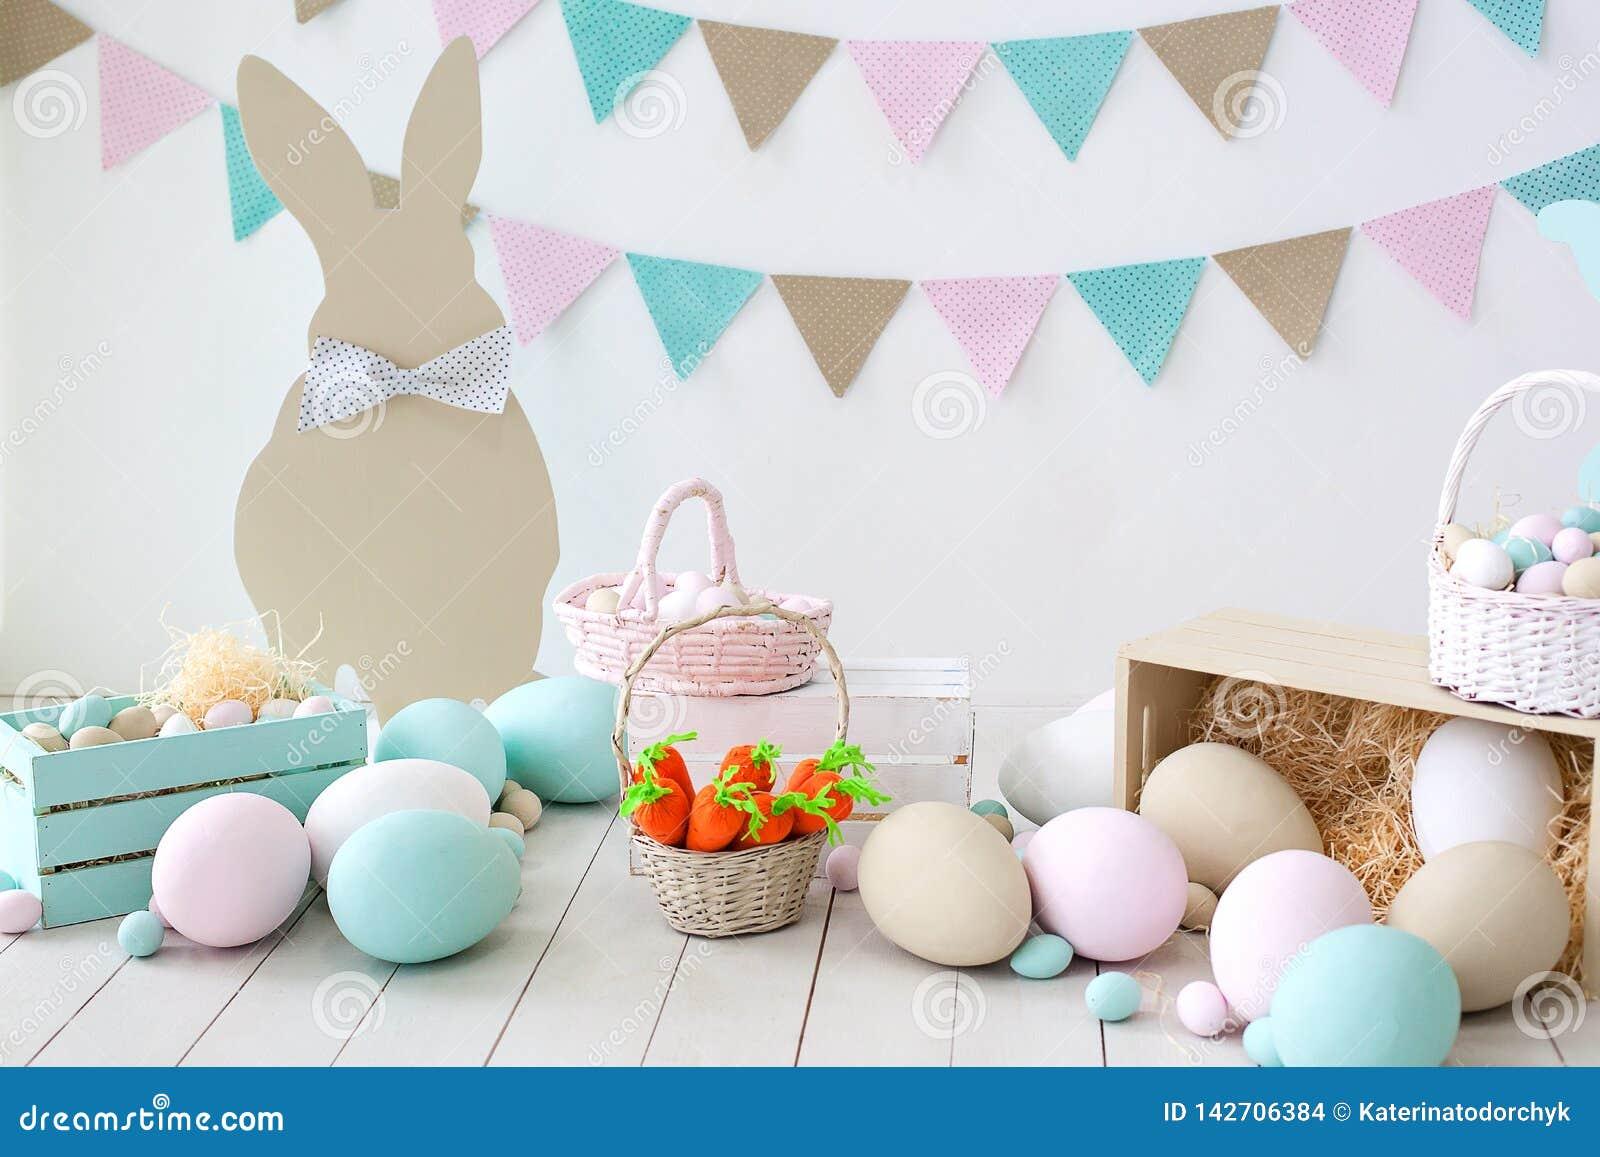 Pasen! Vele kleurrijke paaseieren met konijntjes en manden! Pasen-decoratie van de ruimte, de ruimte van kinderen voor spelen Man